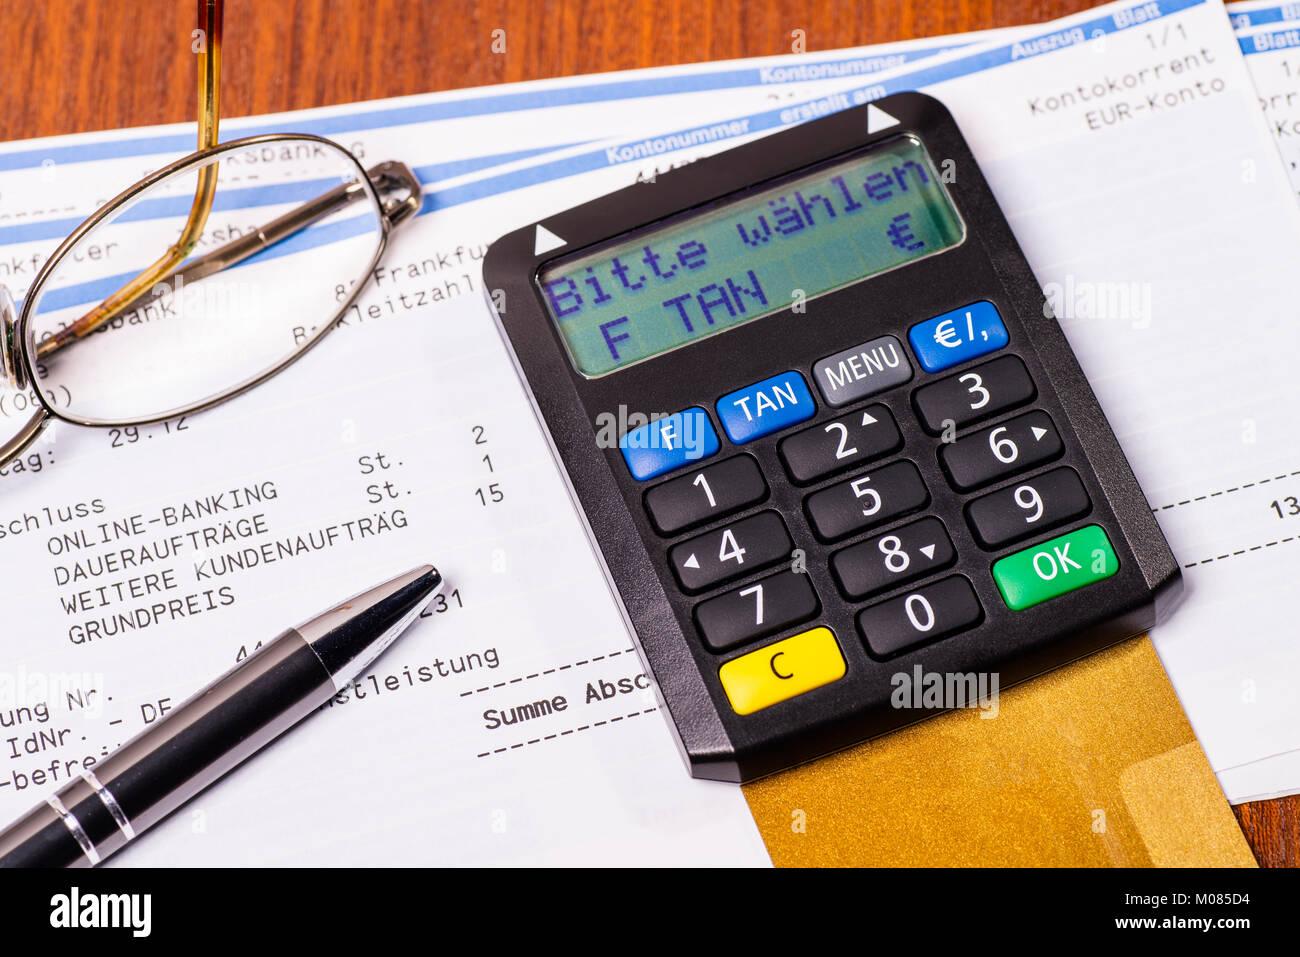 Risikohinweise Bei dem vorliegenden Angebot handelt es sich um ein Angebot von Nachrangdarlehen der Brauhaus am Turm GmbH, Frankfurt am Main. Die Nachrangdarlehen sind langfristige, schuldrechtliche Verträge, die mit wirtschaftlichen, rechtlichen und steuerlichen Risiken verbunden sind.